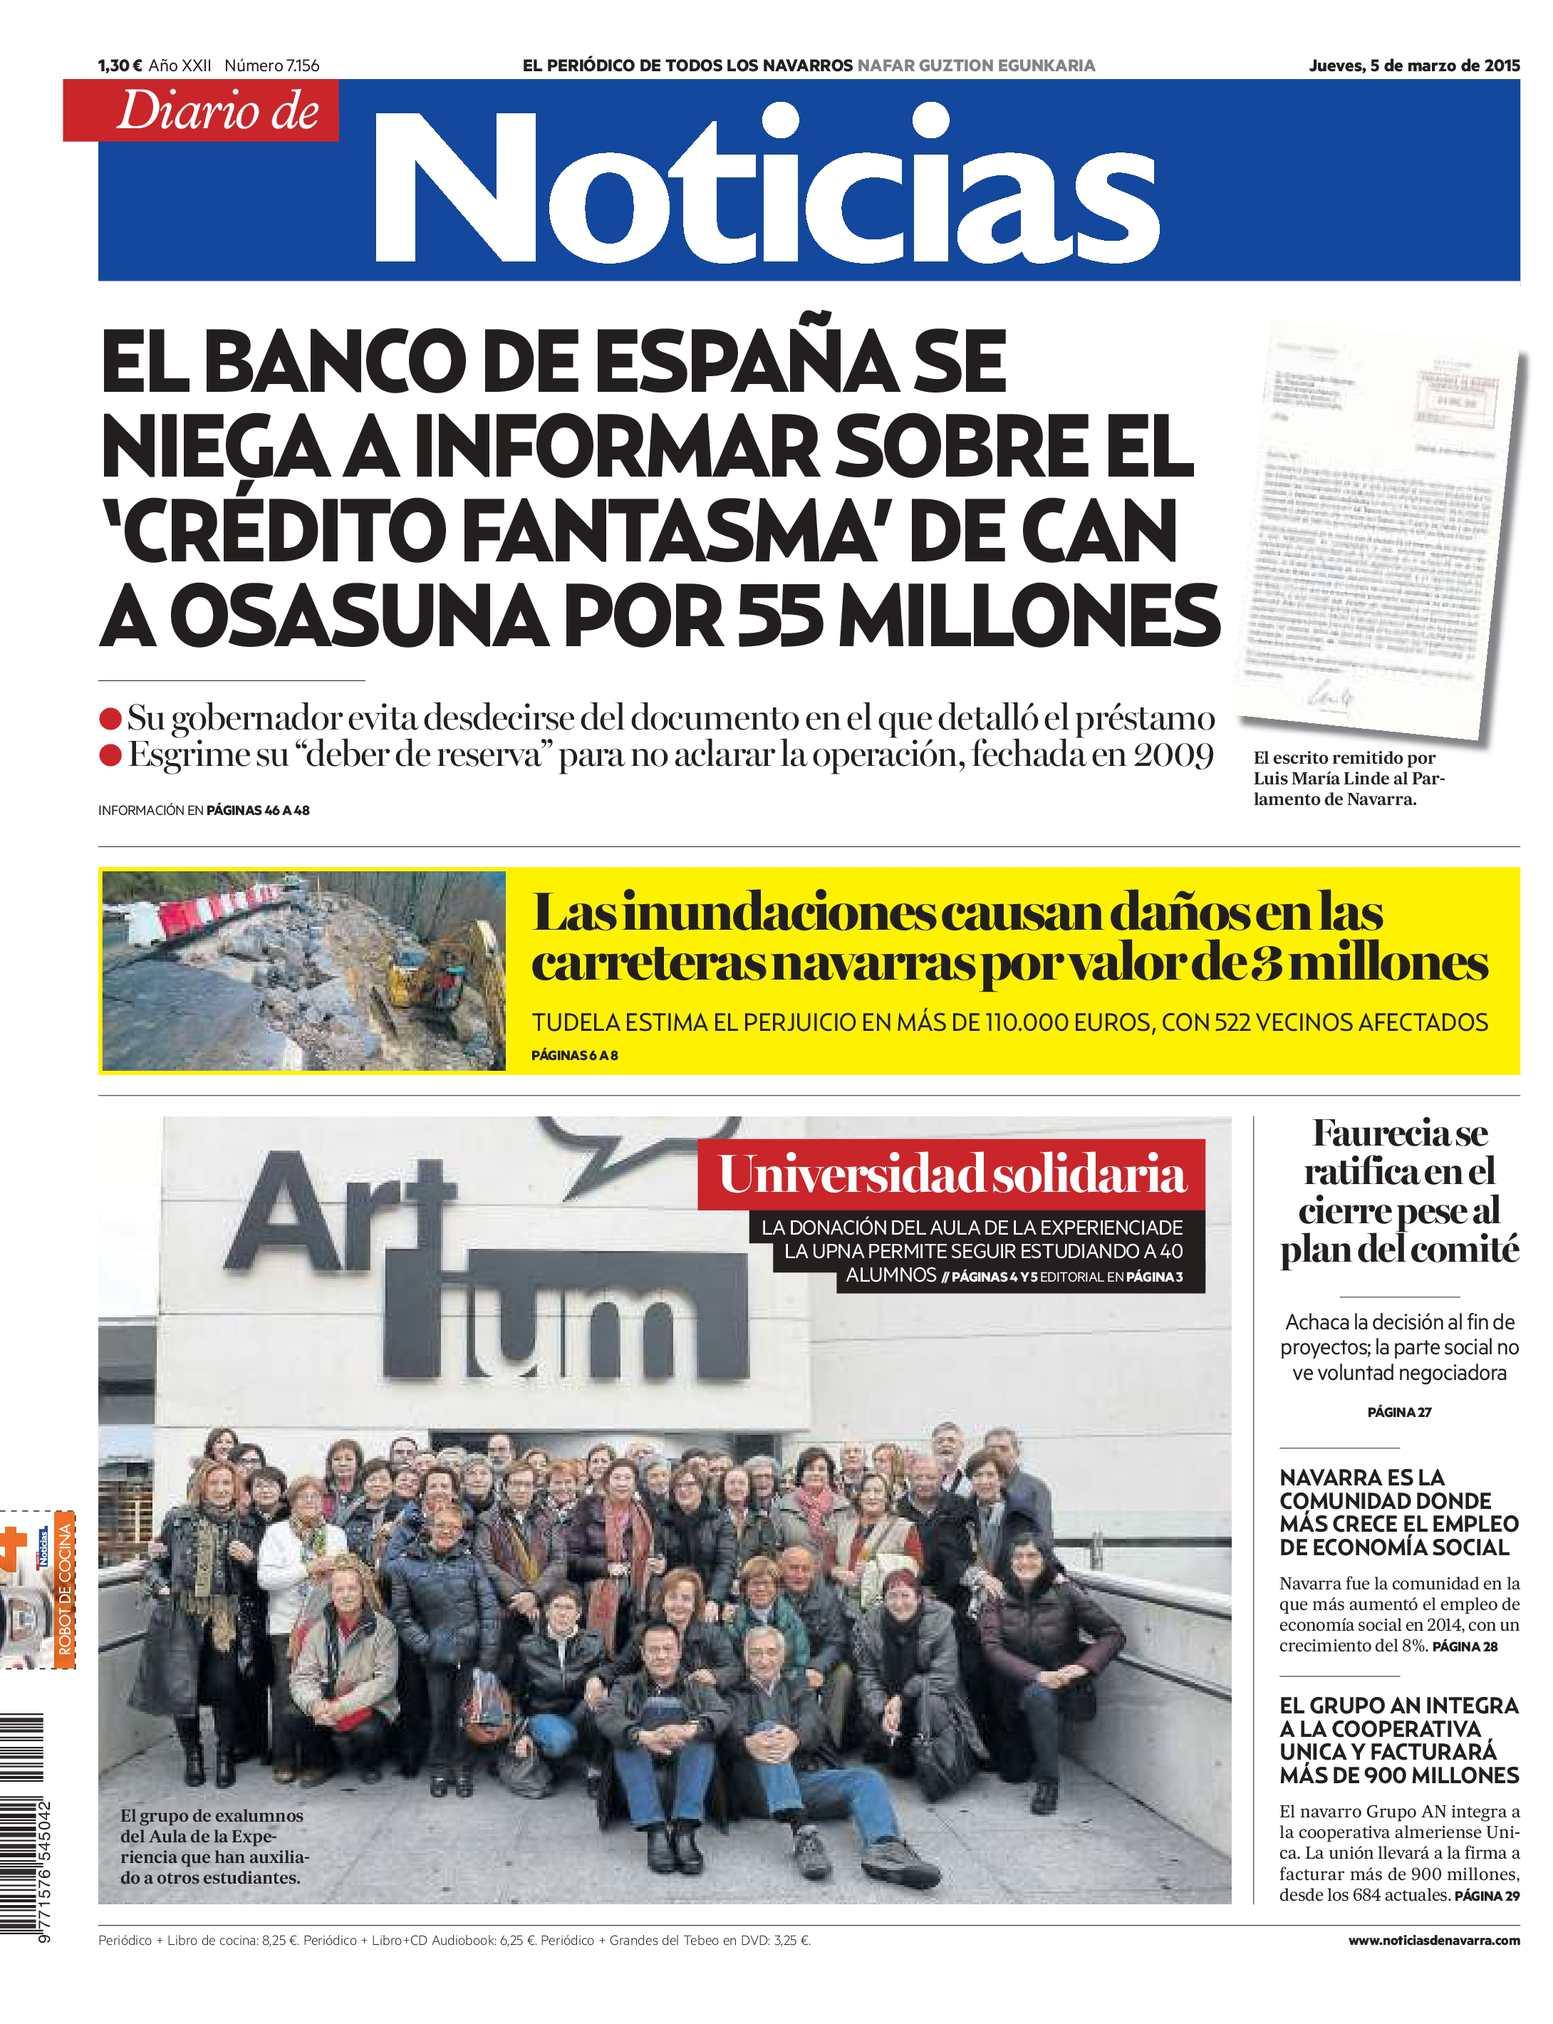 Calaméo - Diario de Noticias 20150305